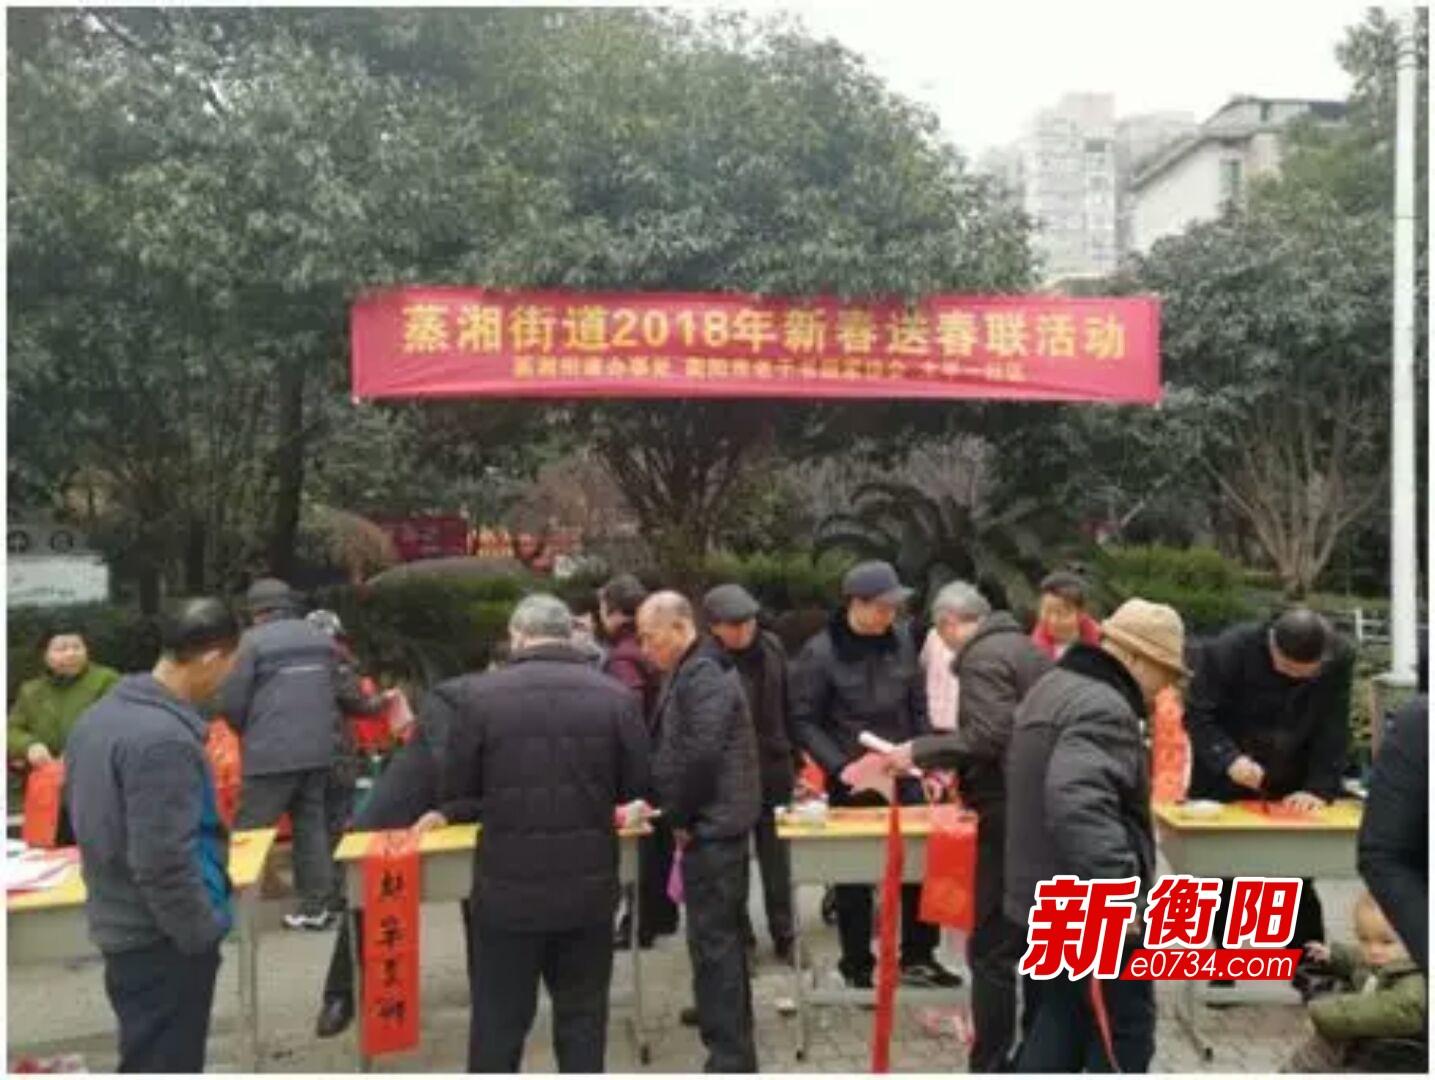 衡阳市老干部书画协会开展进社区送春联活动